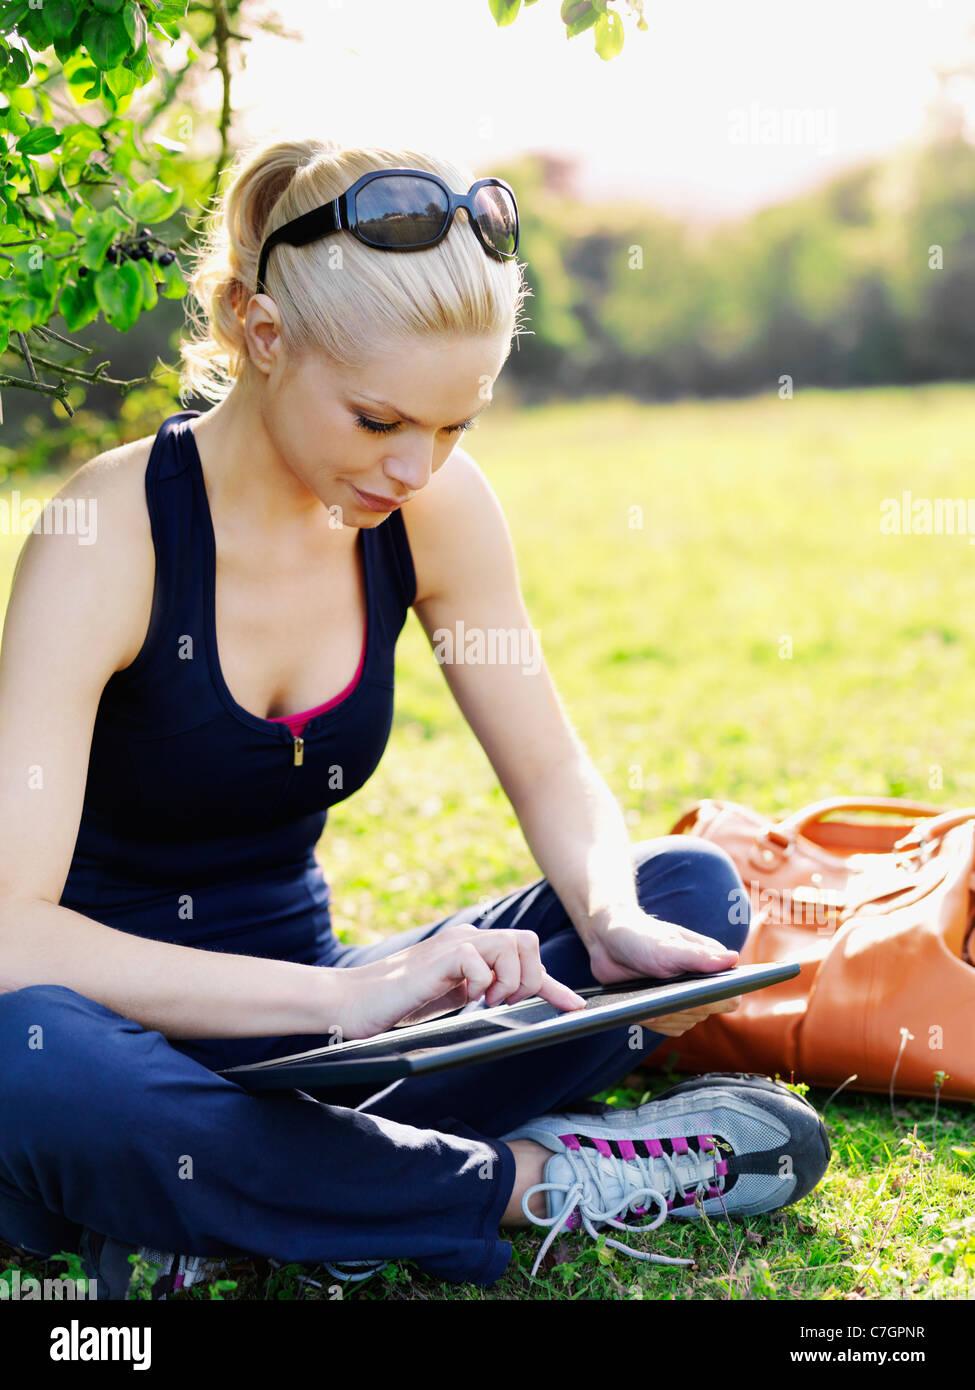 Una mujer en ropa deportiva sentados en el césped utilizando una tableta digital Imagen De Stock